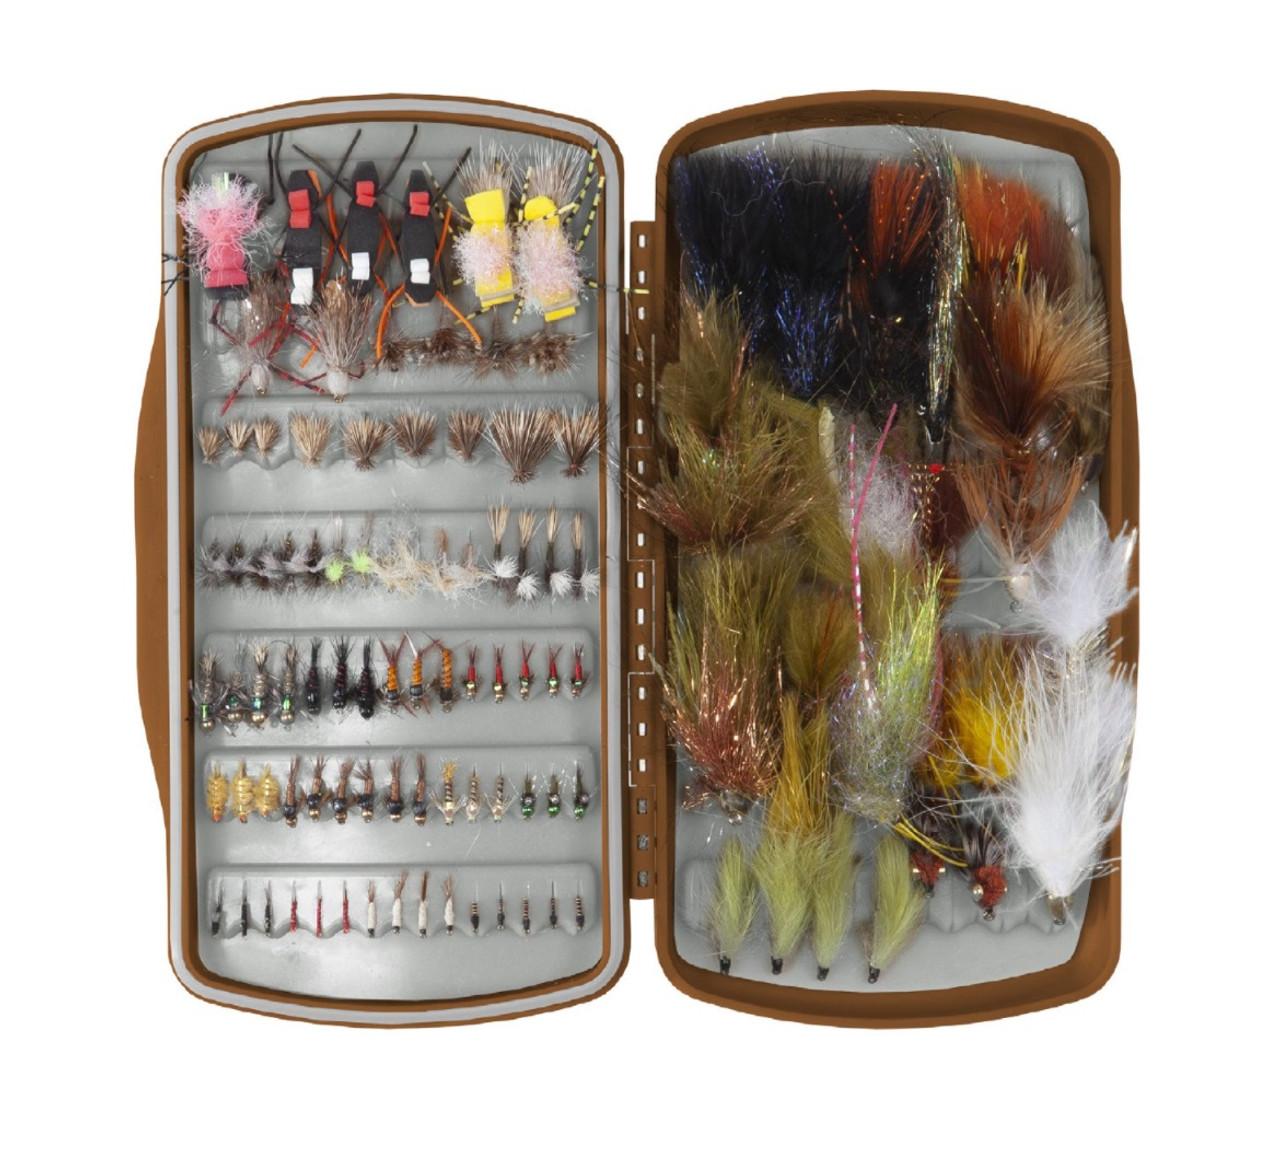 Fishpond Tacky Pescador Fly Box